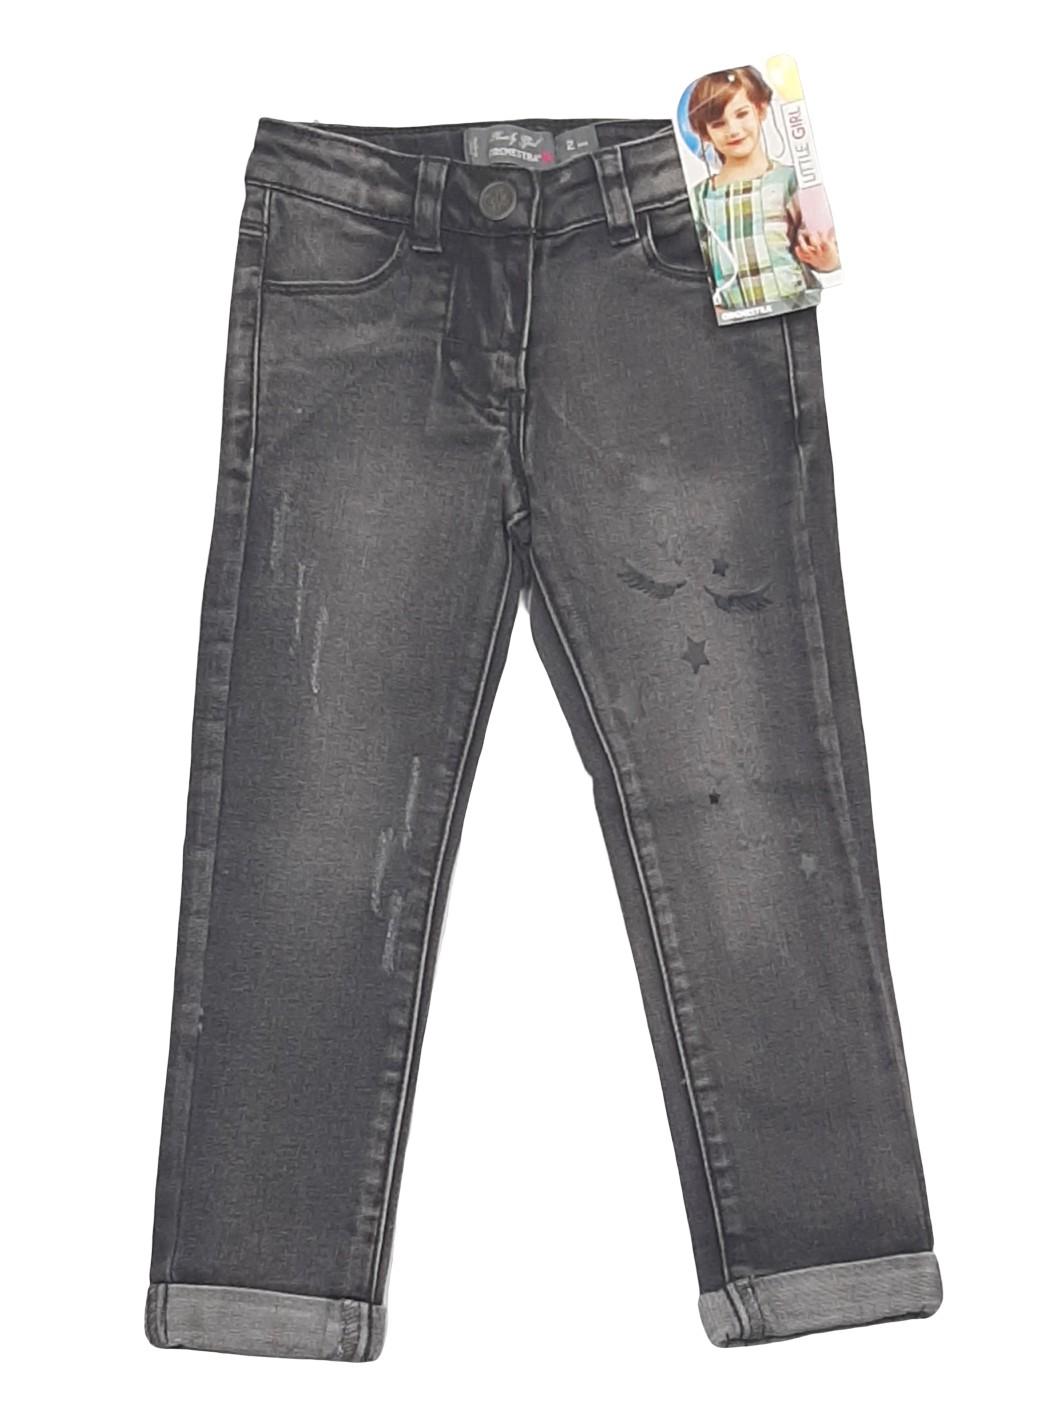 Pantalon jean gris 1